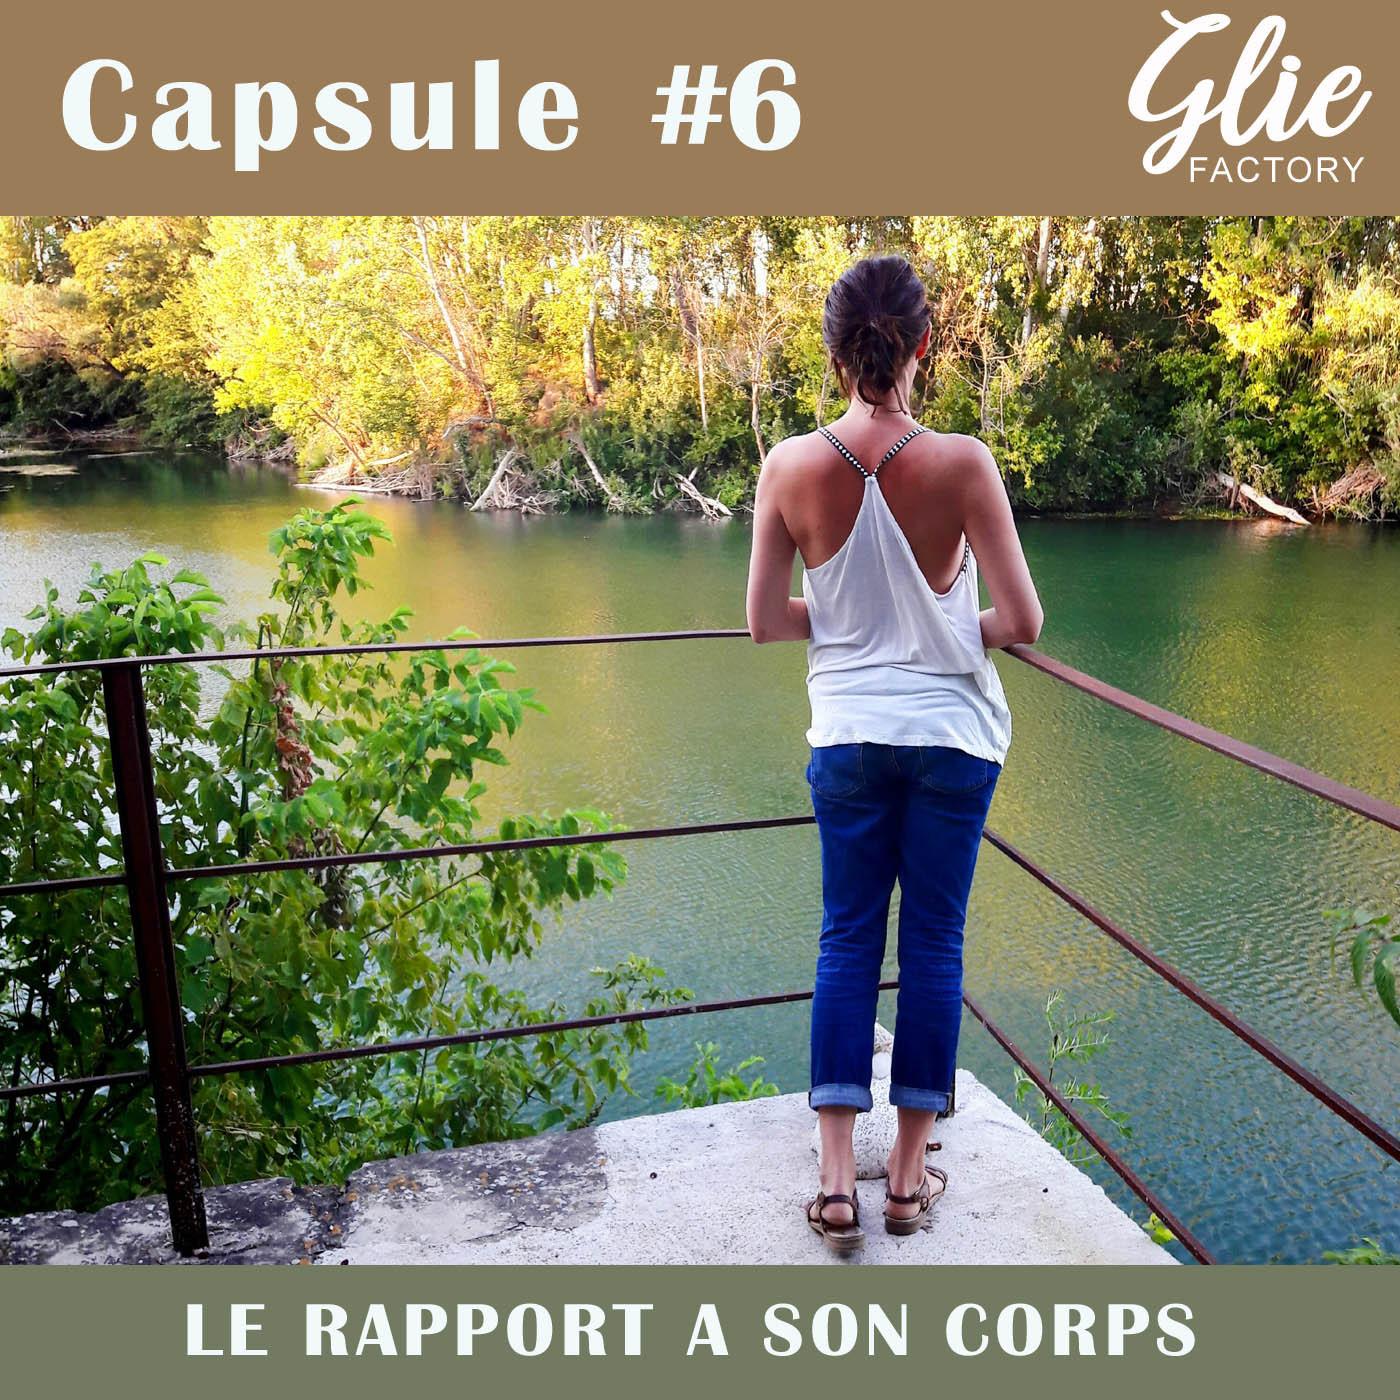 CAPSULE #6. Vivre dans un corps malade